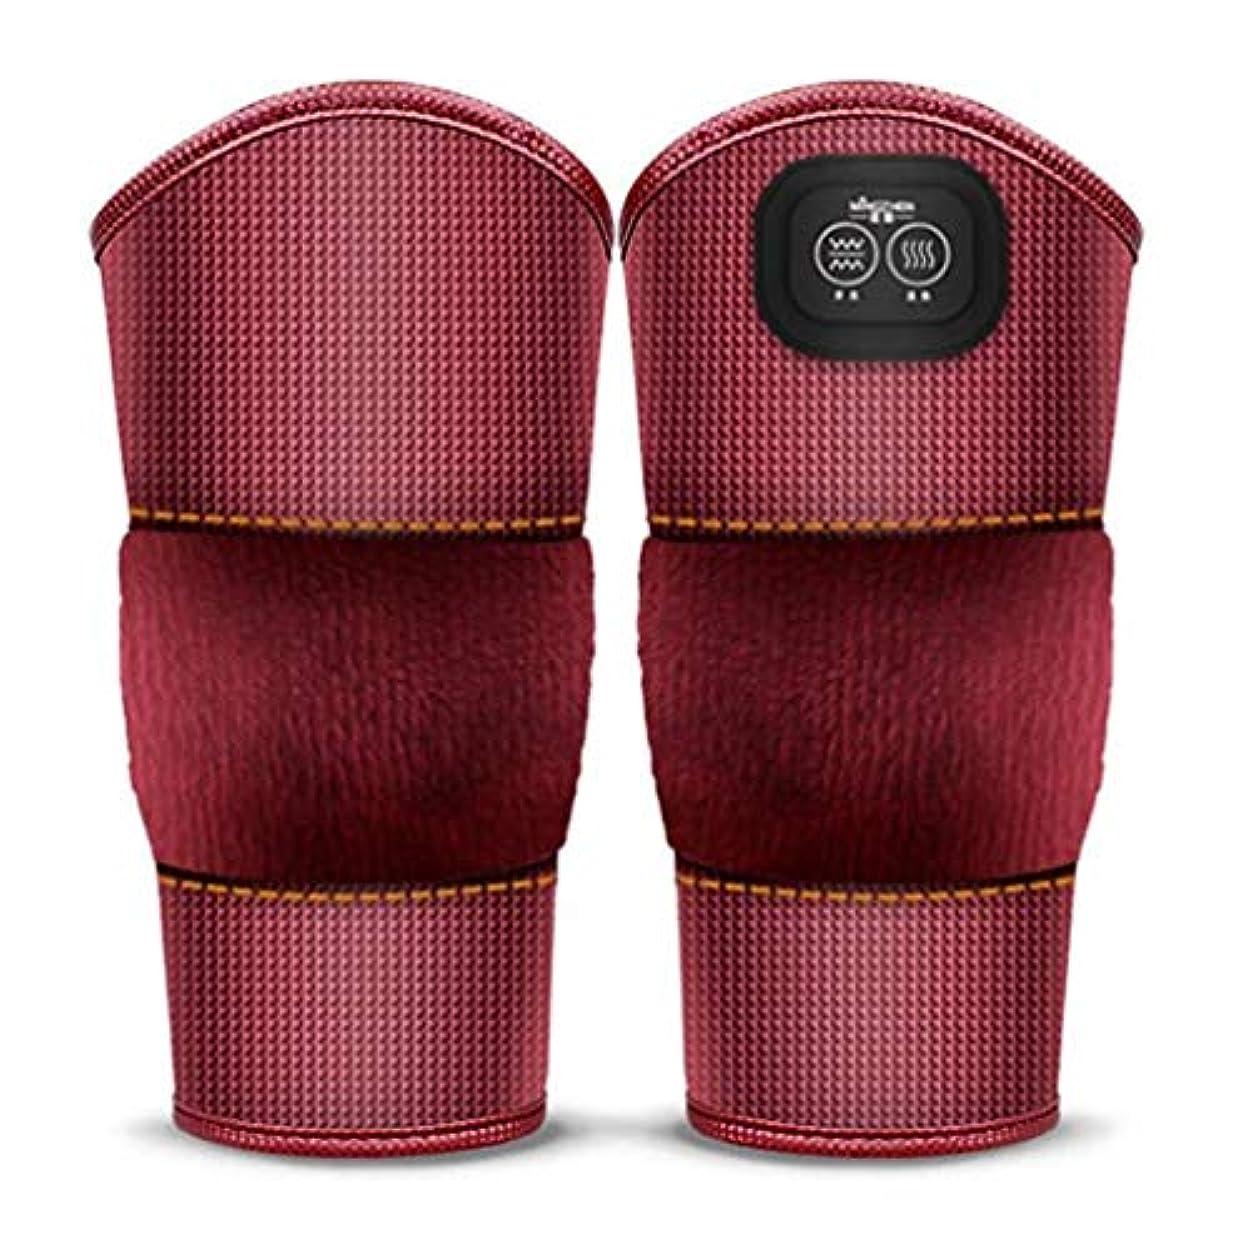 抱擁漂流ロボットマッサージ加熱膝ブレースラップ、プロフェッショナルな膝サポートパッド、膝捻挫の痛み、関節炎の痛み、古い冷たい脚の関節痛